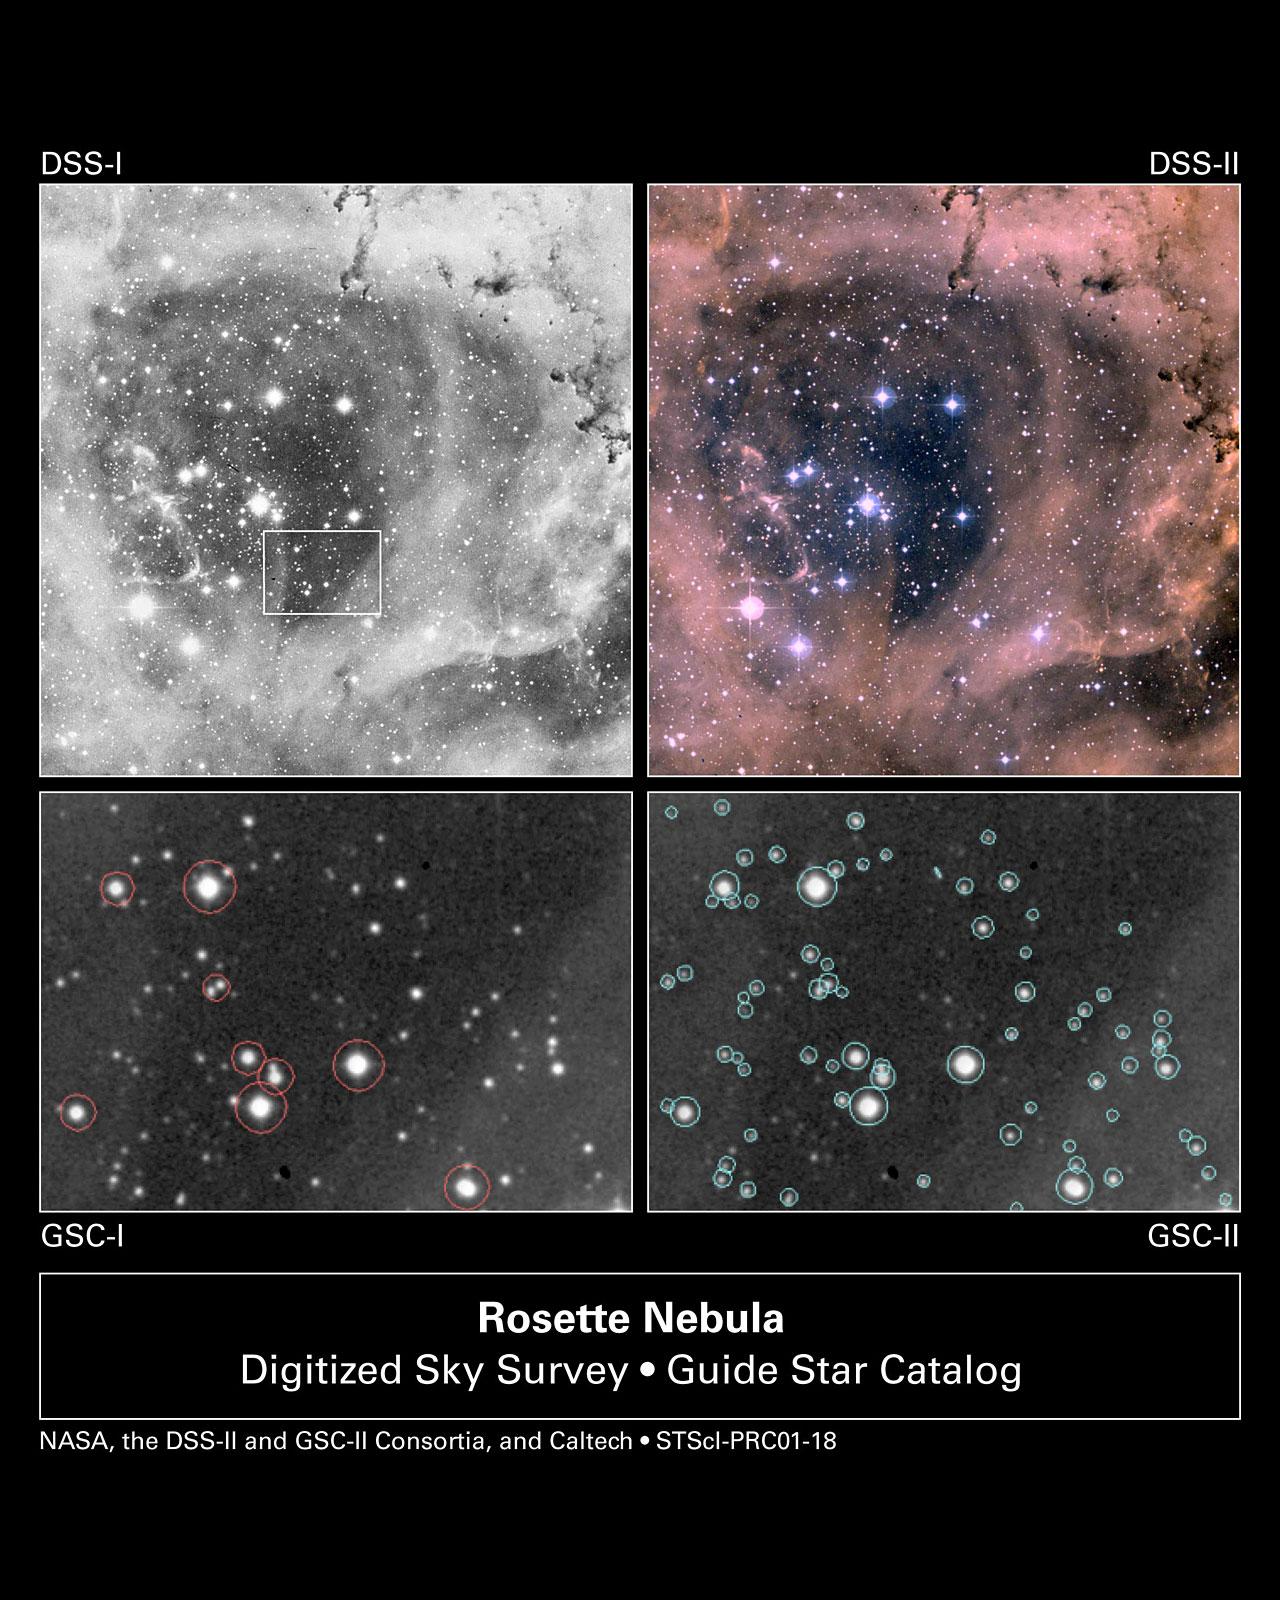 NASA STAR CATALOGUE EBOOK DOWNLOAD